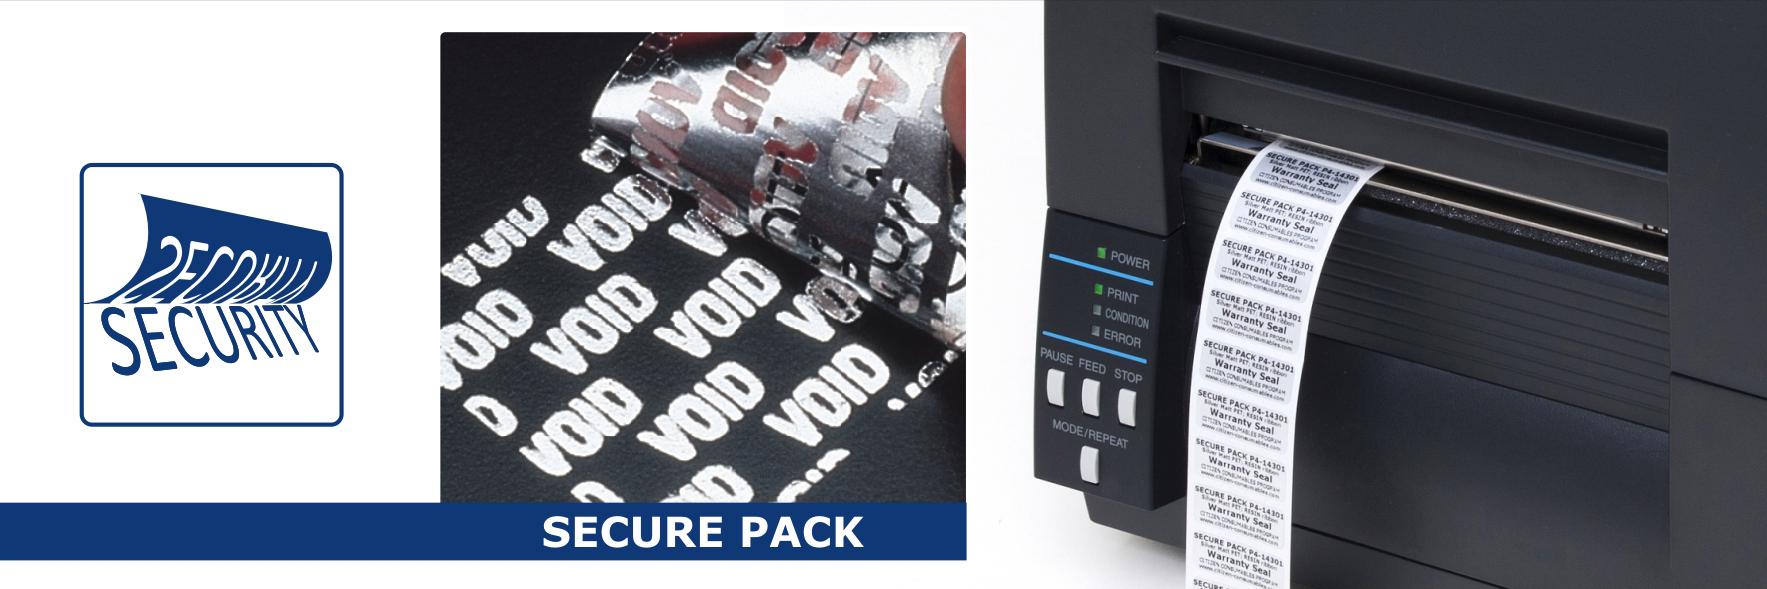 Secure Pack – zabezpieczenie przed niepowołaną ingerencją